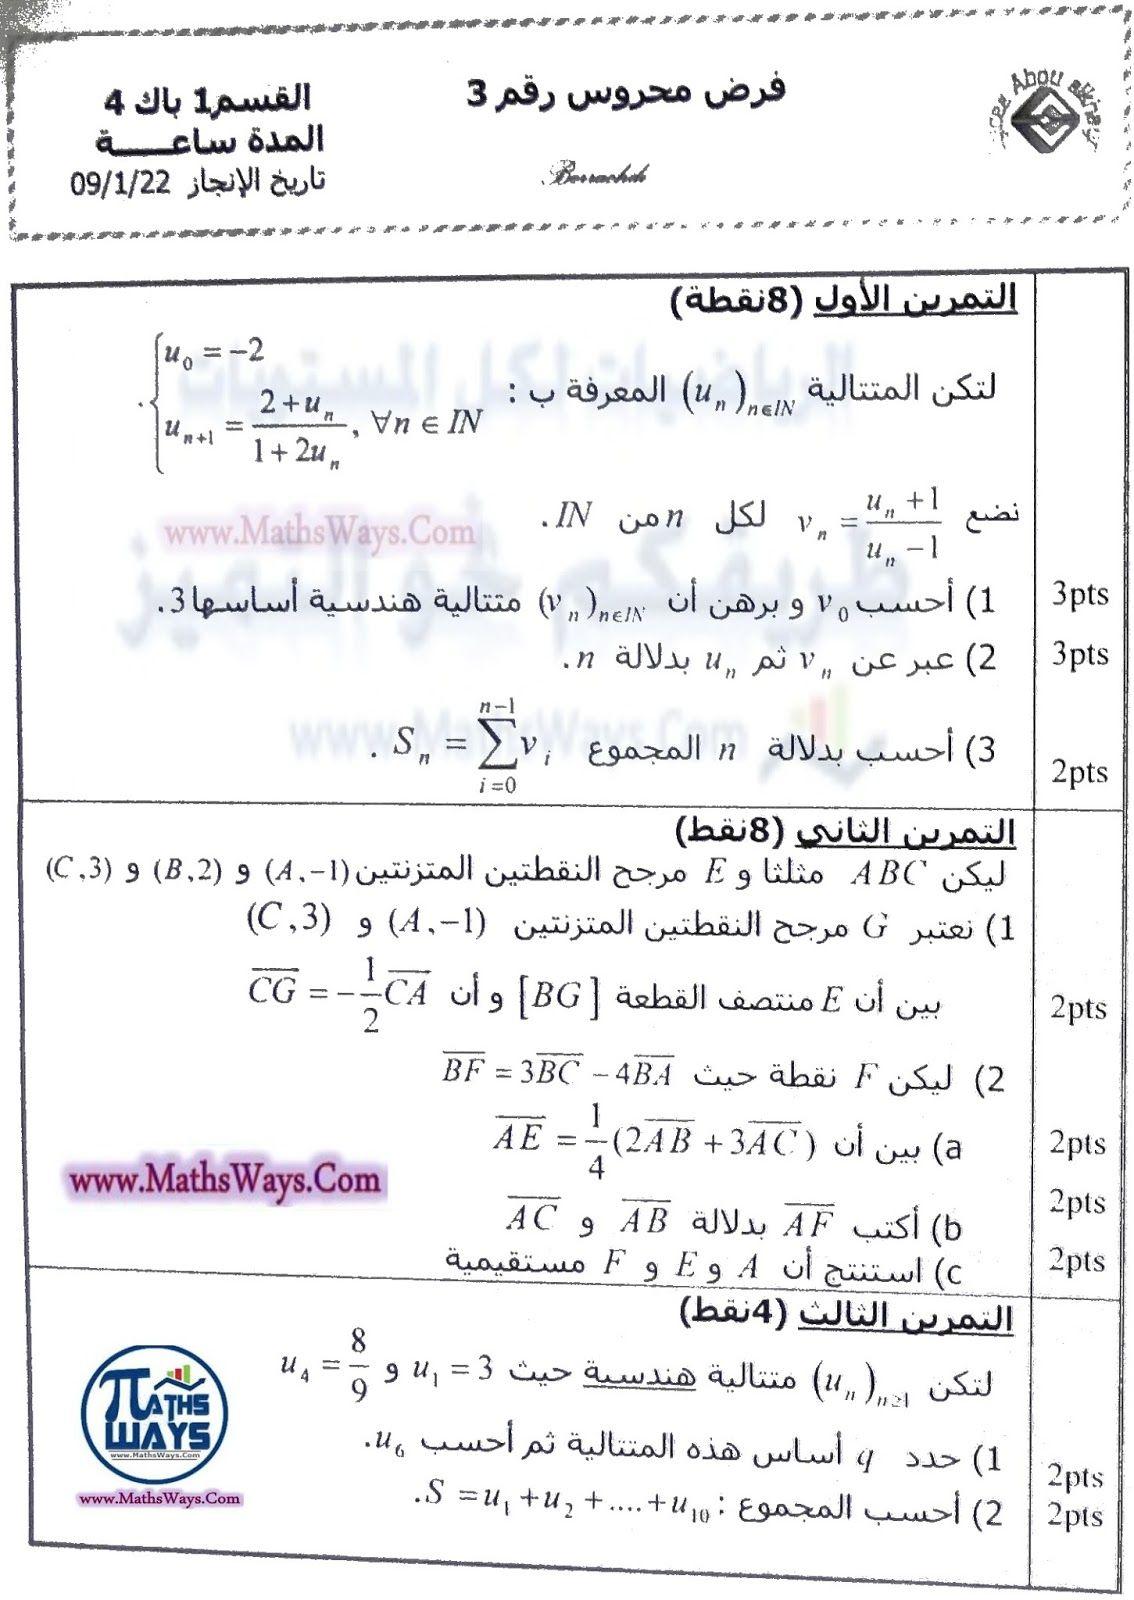 الرياضيات لكل المستويات فرض محروس حول المتتاليات والمرجح موسم 2016 2017 نم Bullet Journal Journal